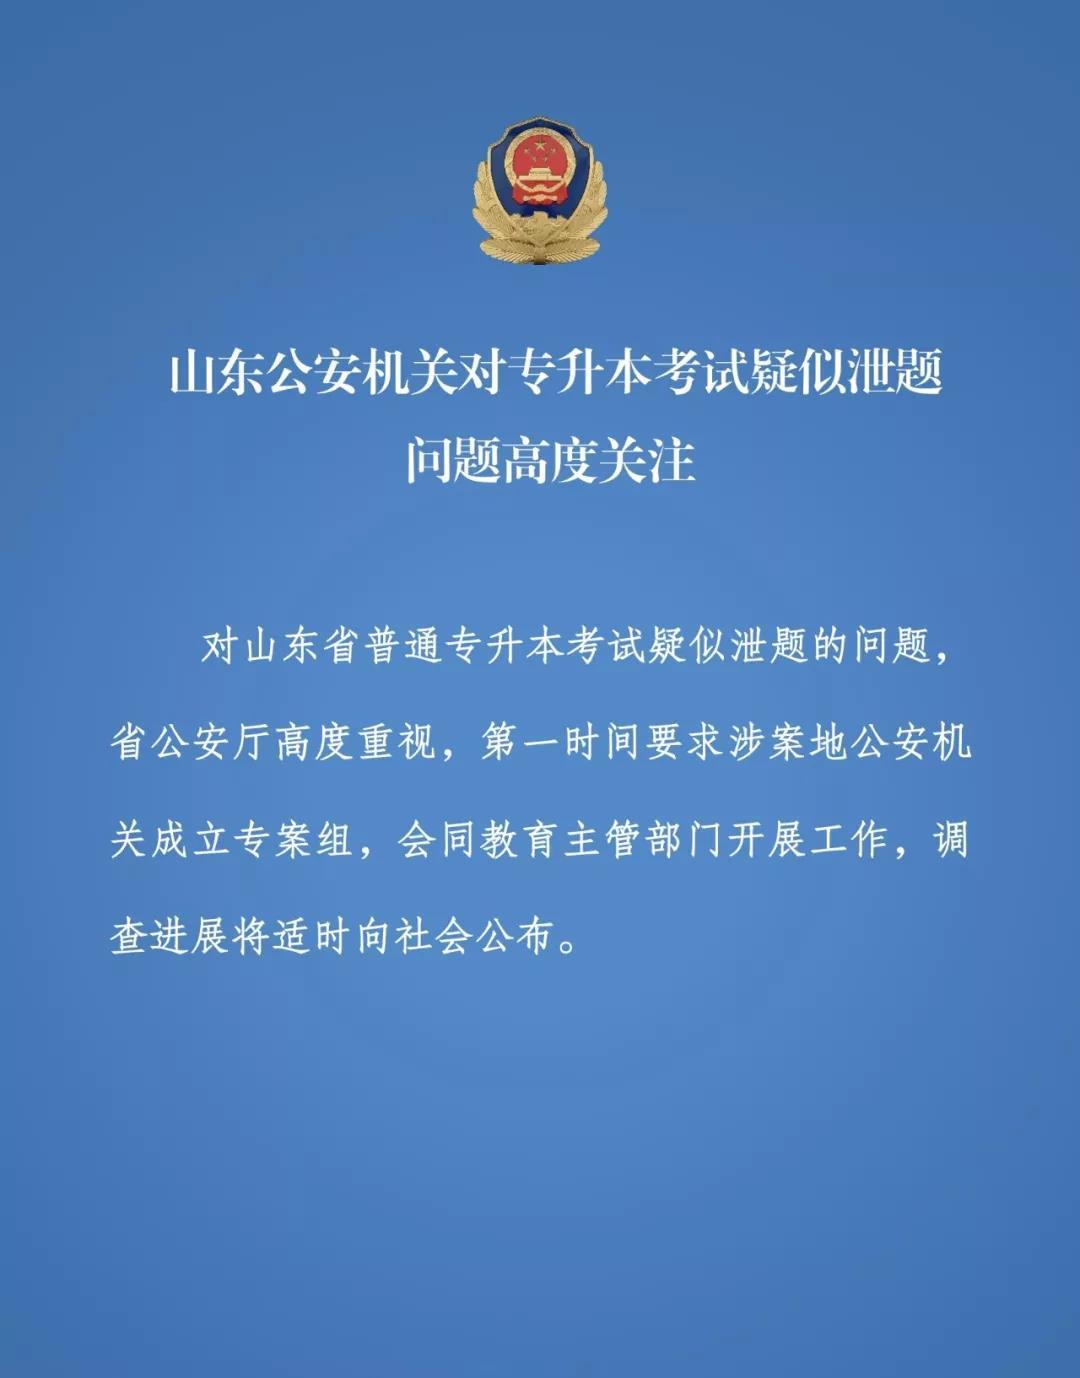 山东专升本考试疑似泄题 公安厅:成立专案组调查